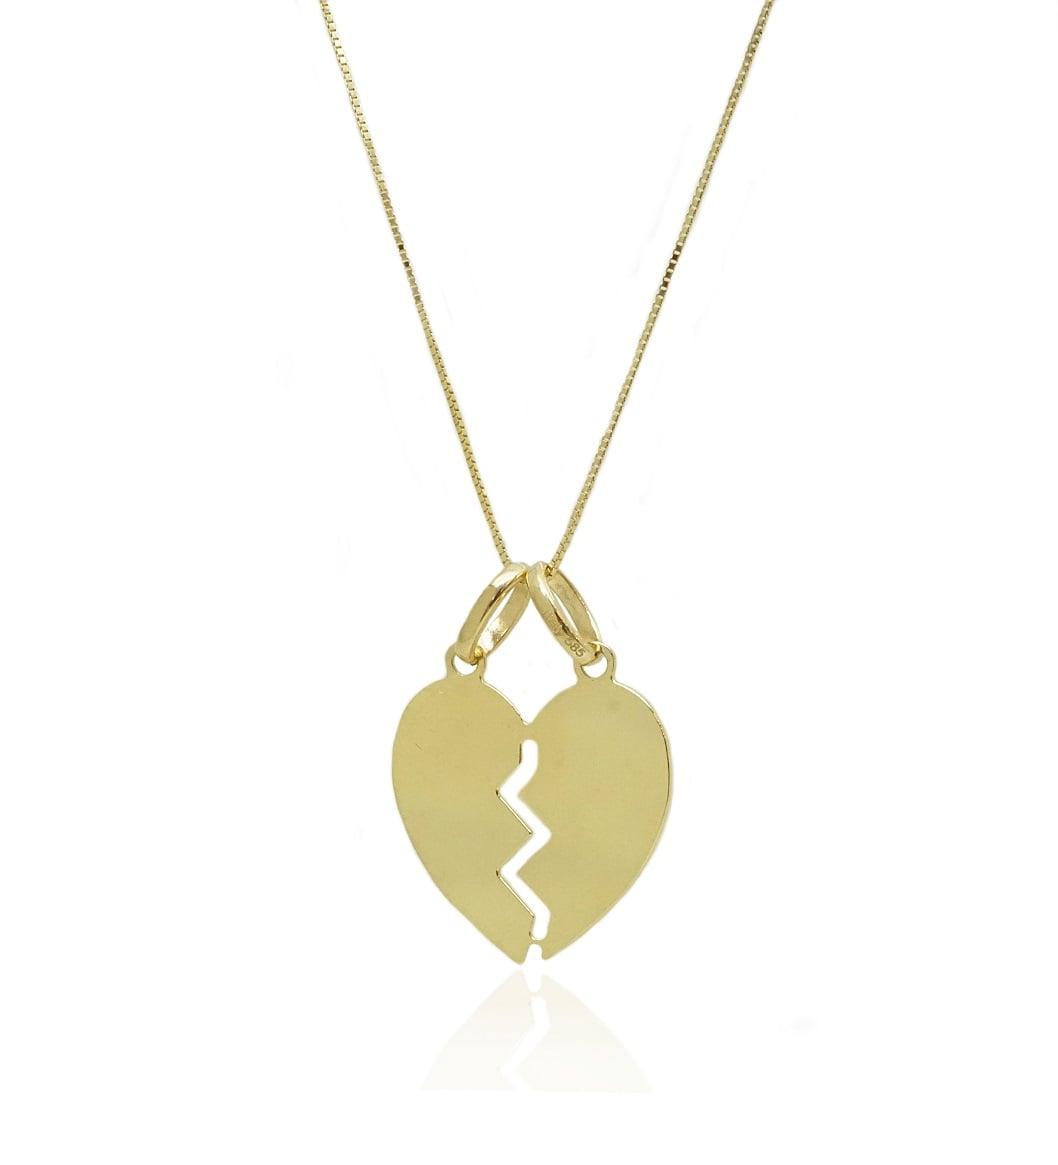 שרשרת לב זהב עם חריטה שניתן לחצות לחצי